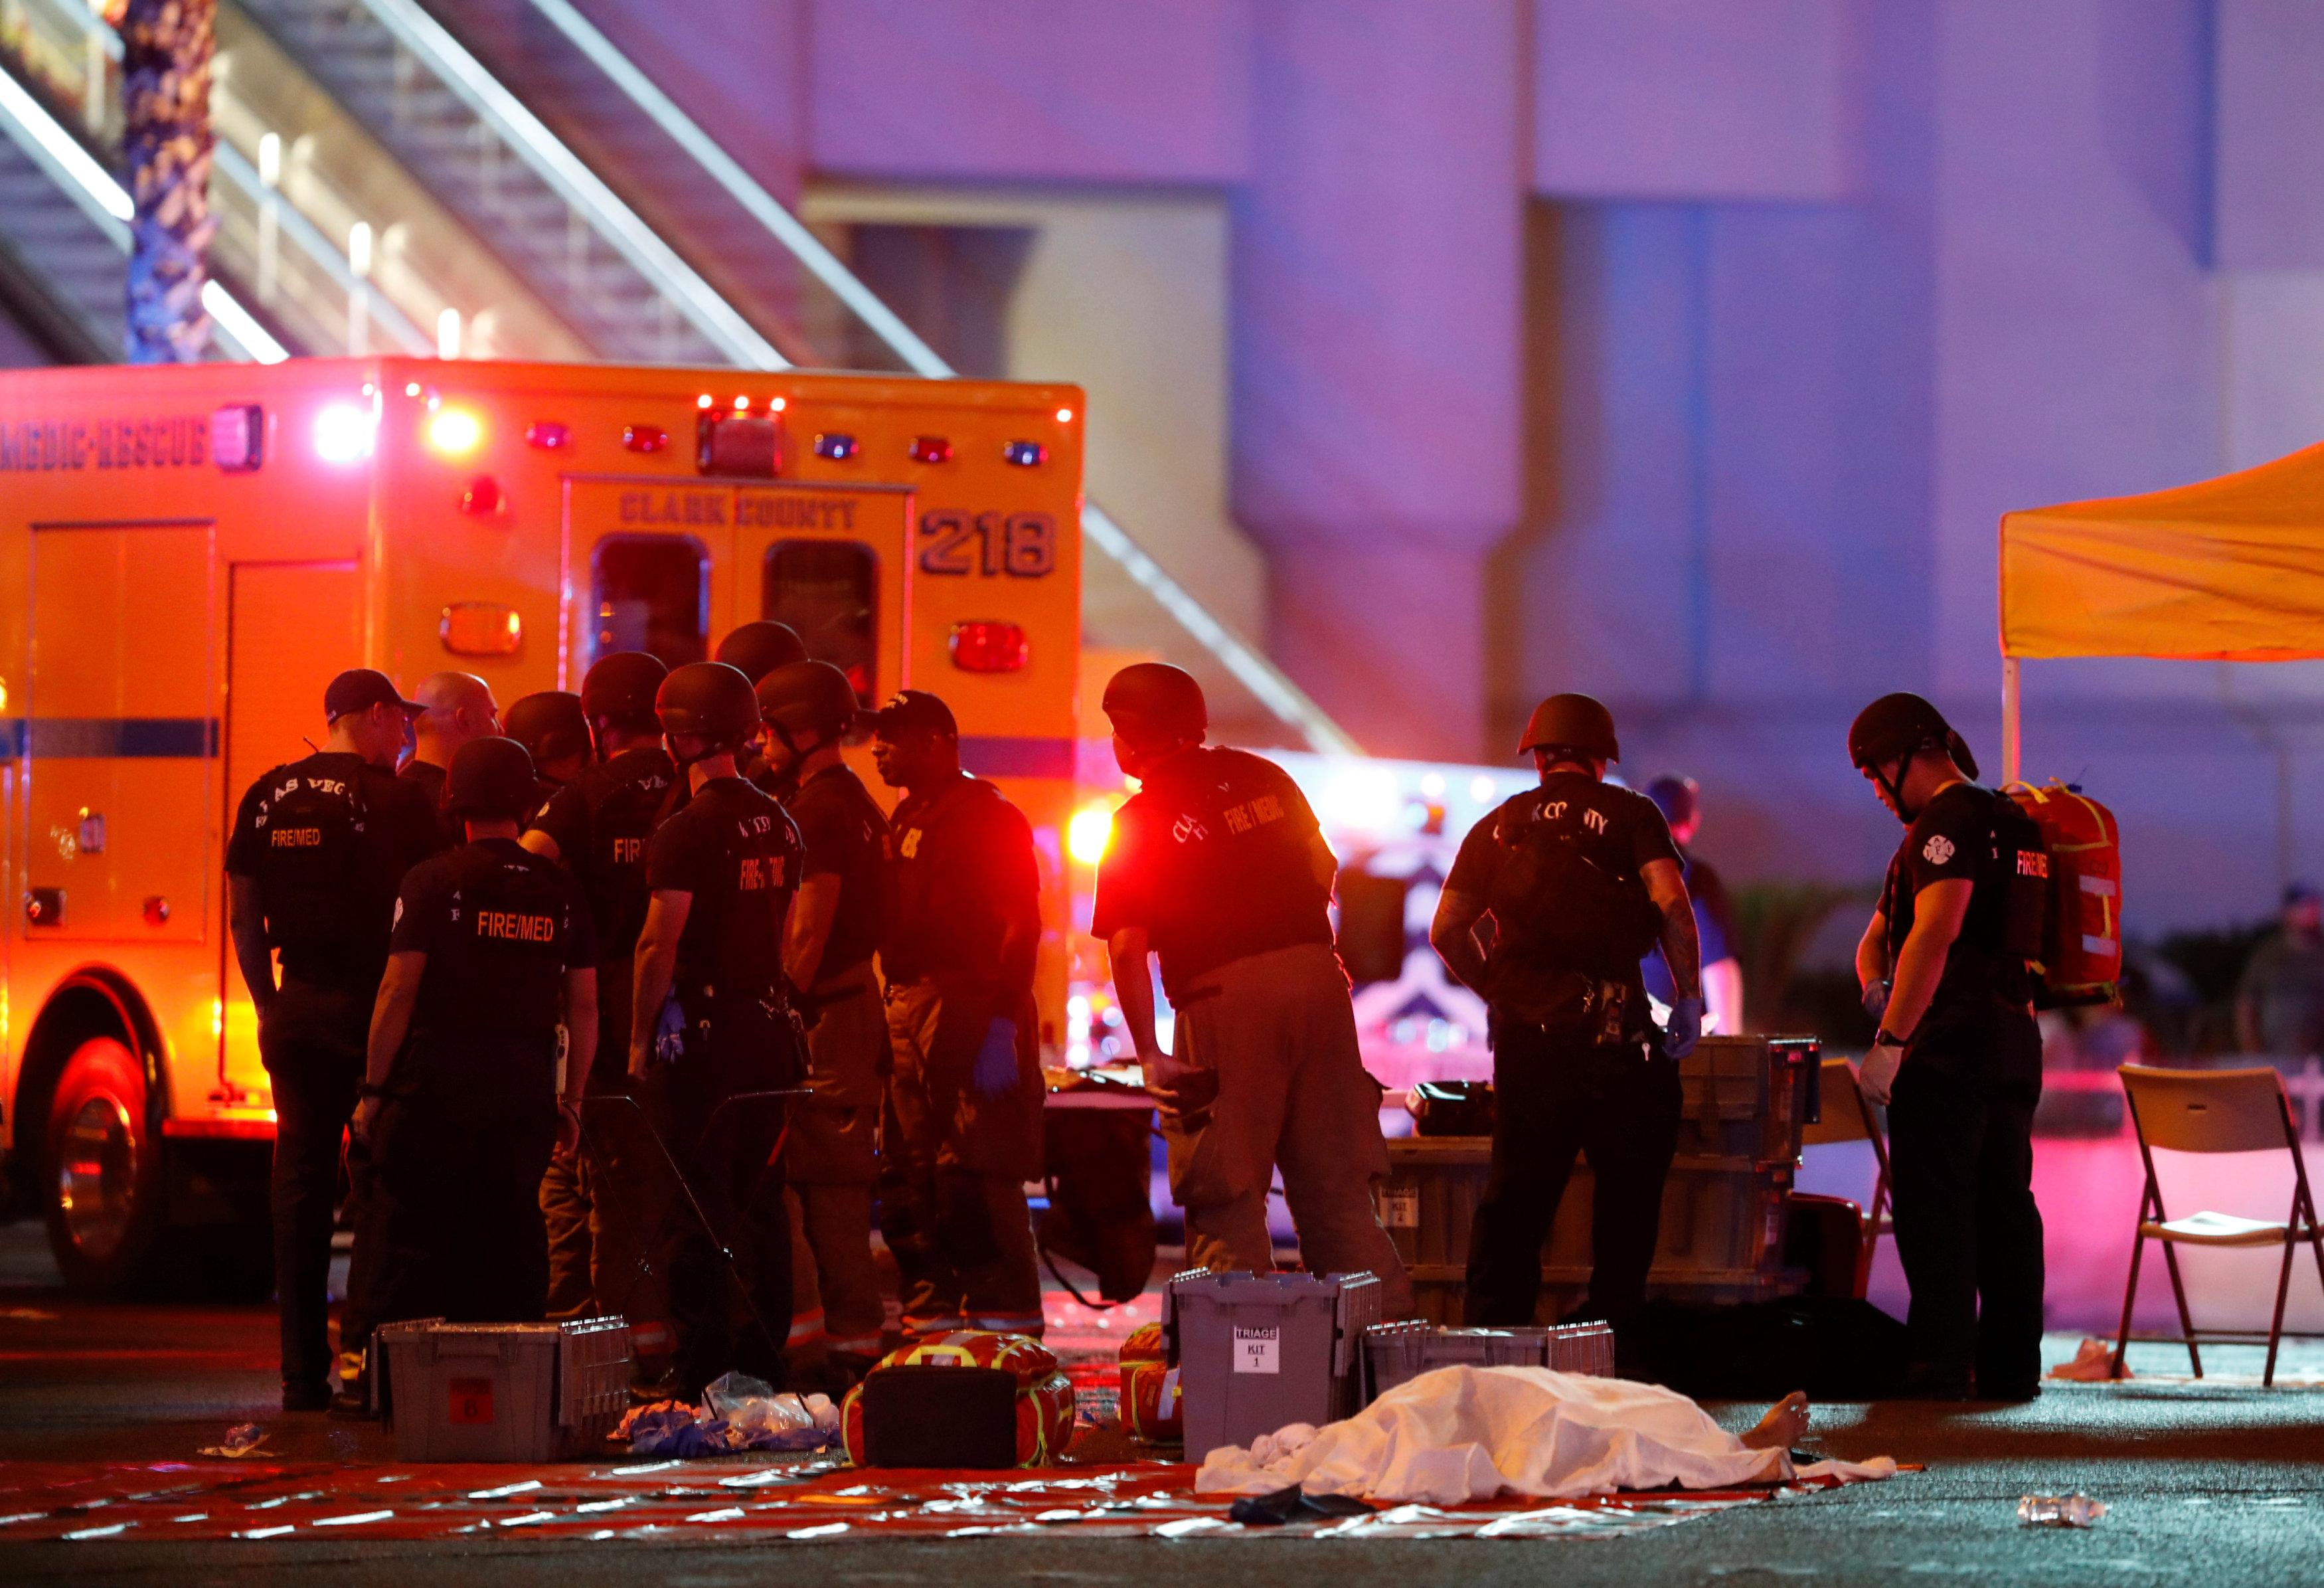 58 muertos y 515 hospitalizados tras tiroteo en Las Vegas